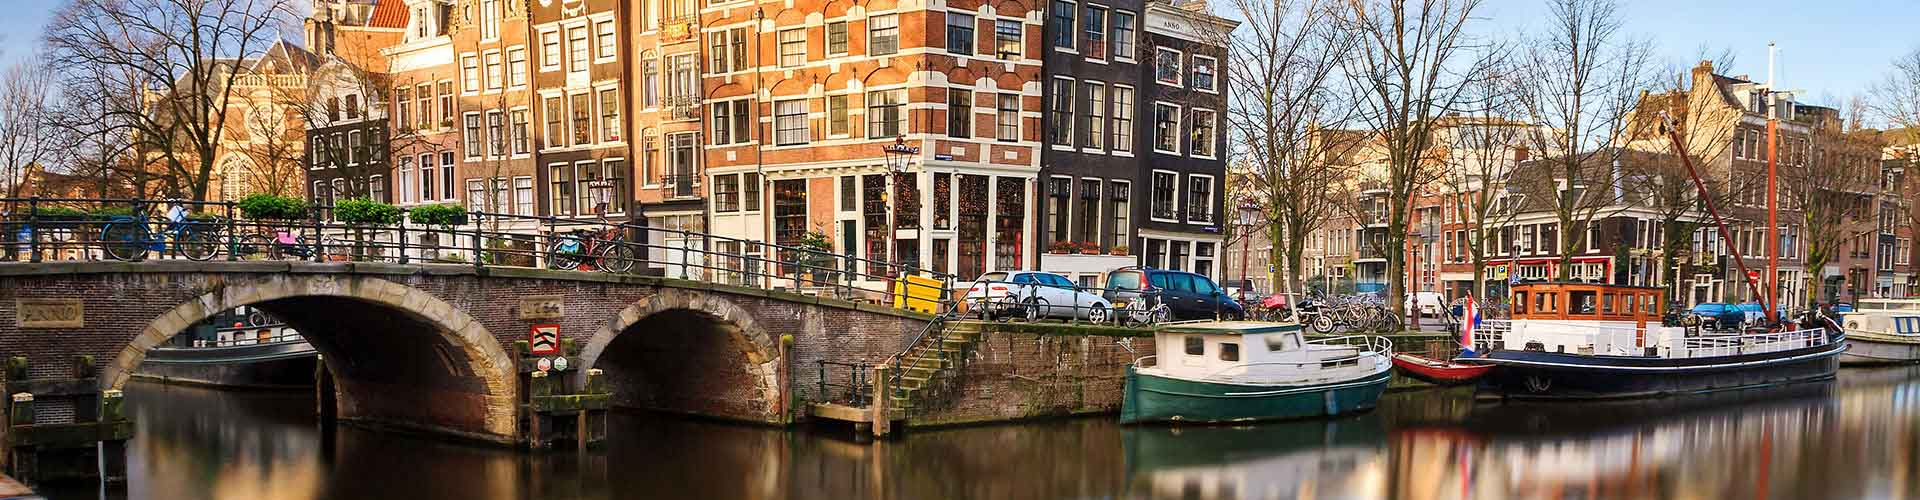 Amszterdam - Hotelek közel Amsterdam Bijlmer Arena pályaudvar . Amszterdam térképek, fotók és ajánlások minden egyes Amszterdam hotelről.